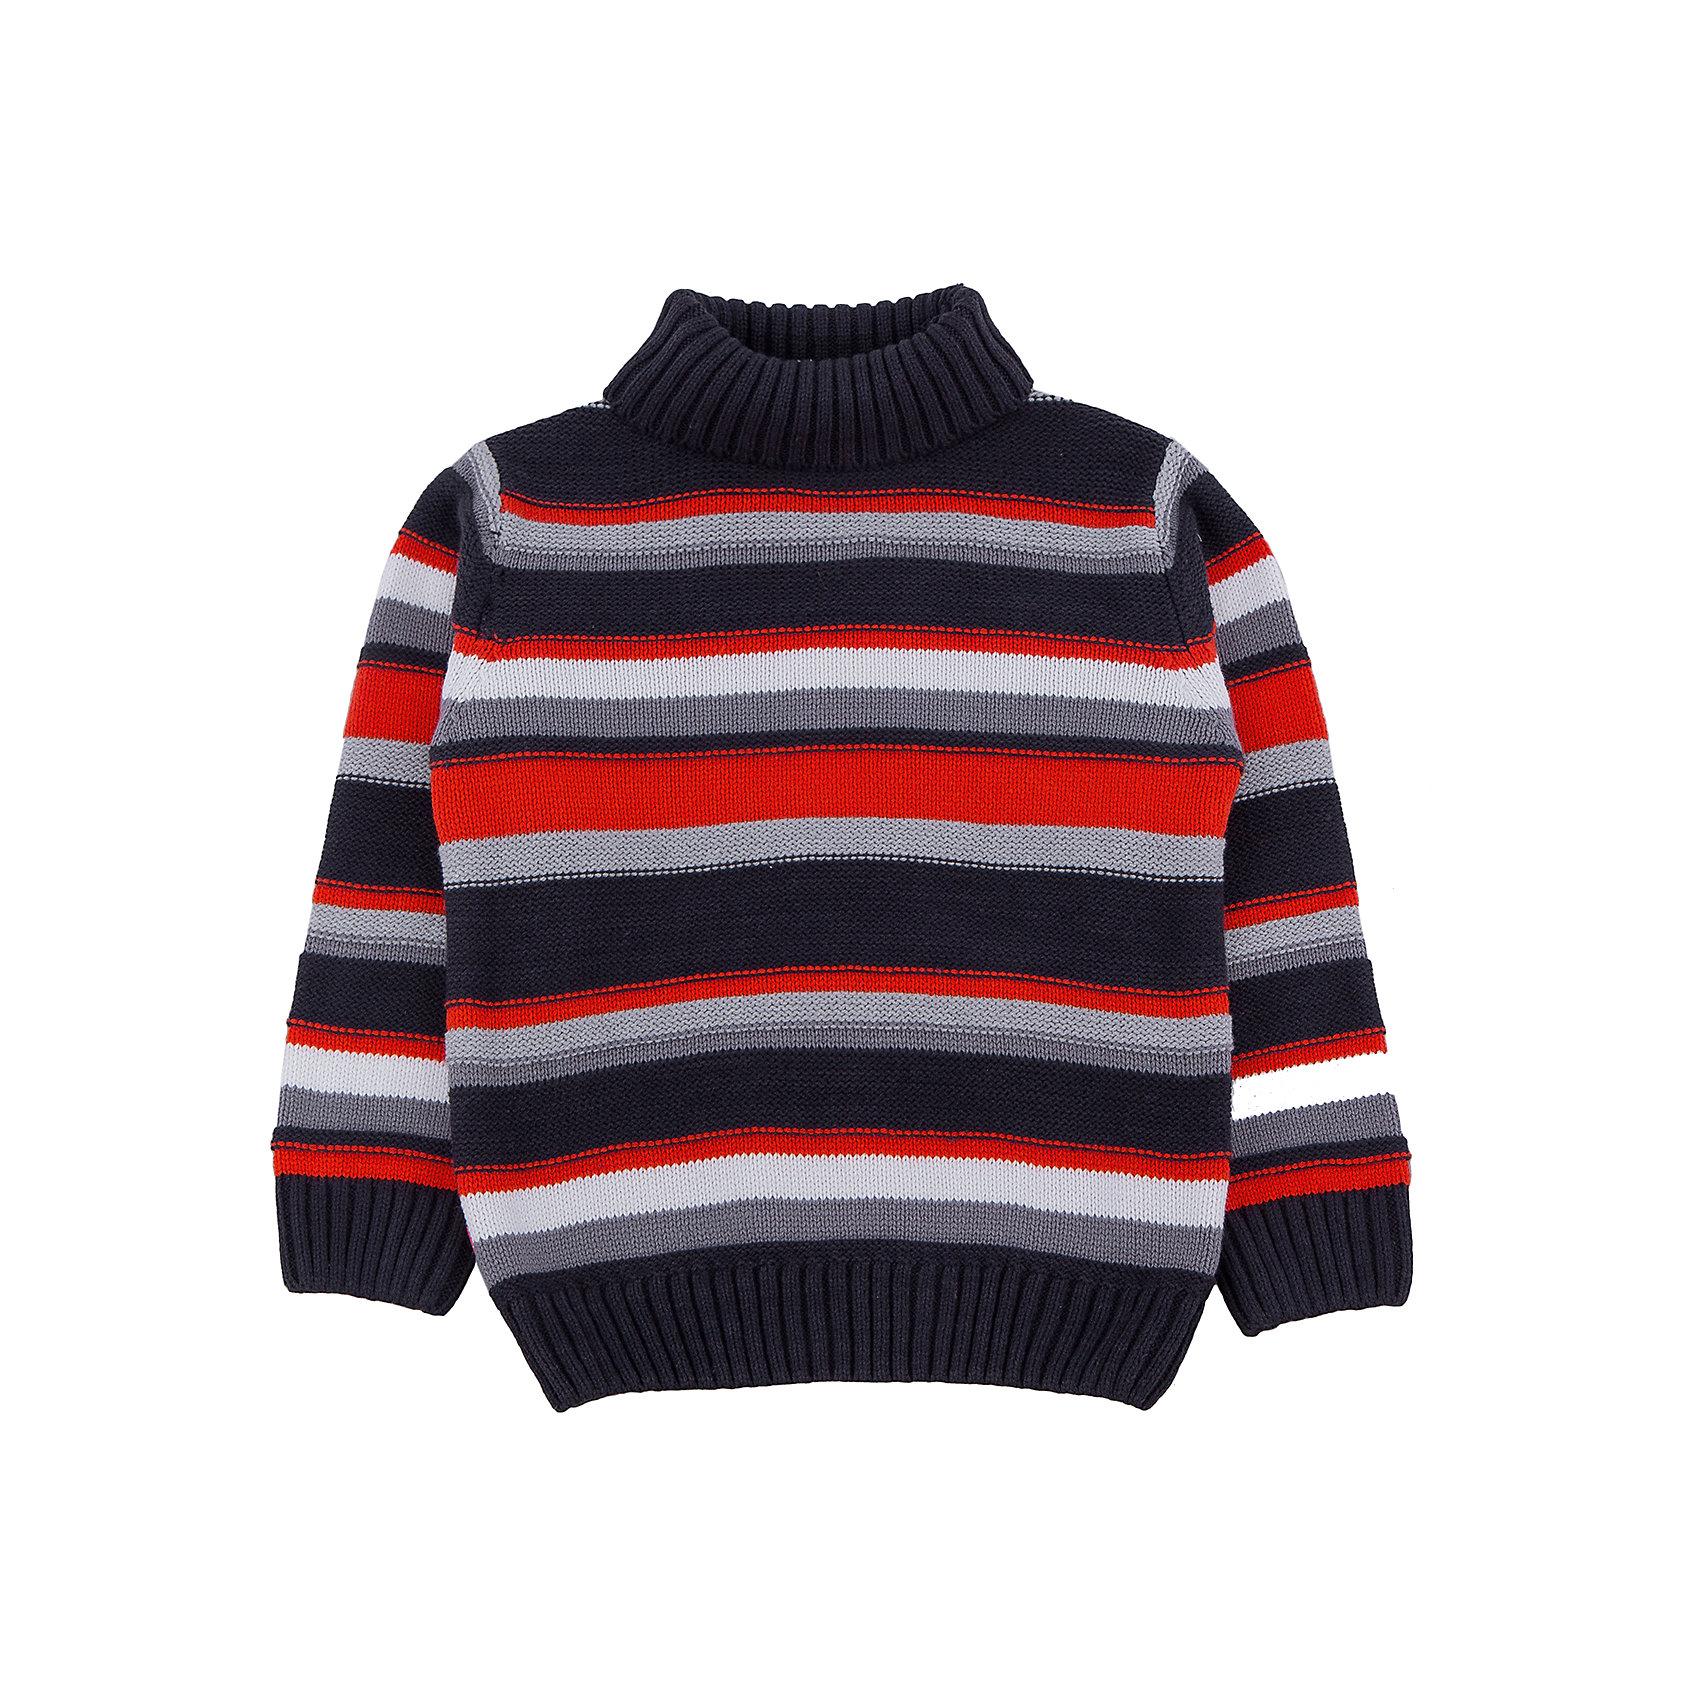 Свитер для мальчика PlayTodayСвитера и кардиганы<br>Свитер для мальчика от известного бренда PlayToday.<br>Уютный свитер в яркую полоску. Высокий воротник надежно защитит от ветра. Рукава и низ на широкой вязаной резинке.<br>Состав:<br>60% хлопок, 40% акрил<br><br>Ширина мм: 190<br>Глубина мм: 74<br>Высота мм: 229<br>Вес г: 236<br>Цвет: разноцветный<br>Возраст от месяцев: 84<br>Возраст до месяцев: 96<br>Пол: Мужской<br>Возраст: Детский<br>Размер: 128,110,98,116,122,104<br>SKU: 4897337